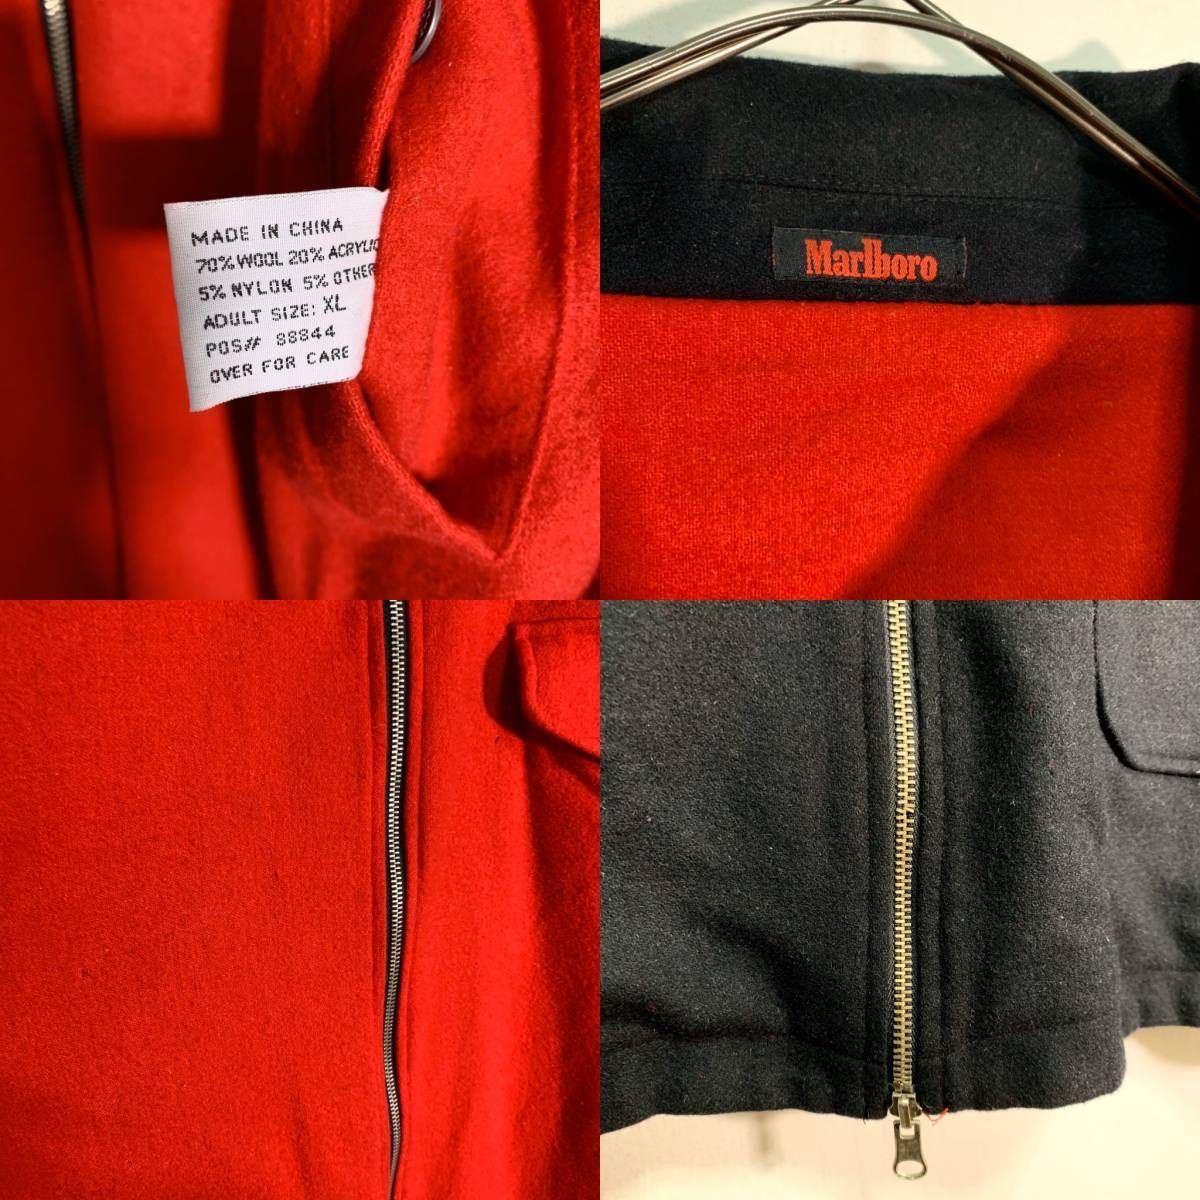 【送料込】90s Marlboro リバーシブル ウール ジャケット XL 黒×赤 ビッグシルエット ジップ マルボロ 80s ビンテージ 古着 オールド_画像5